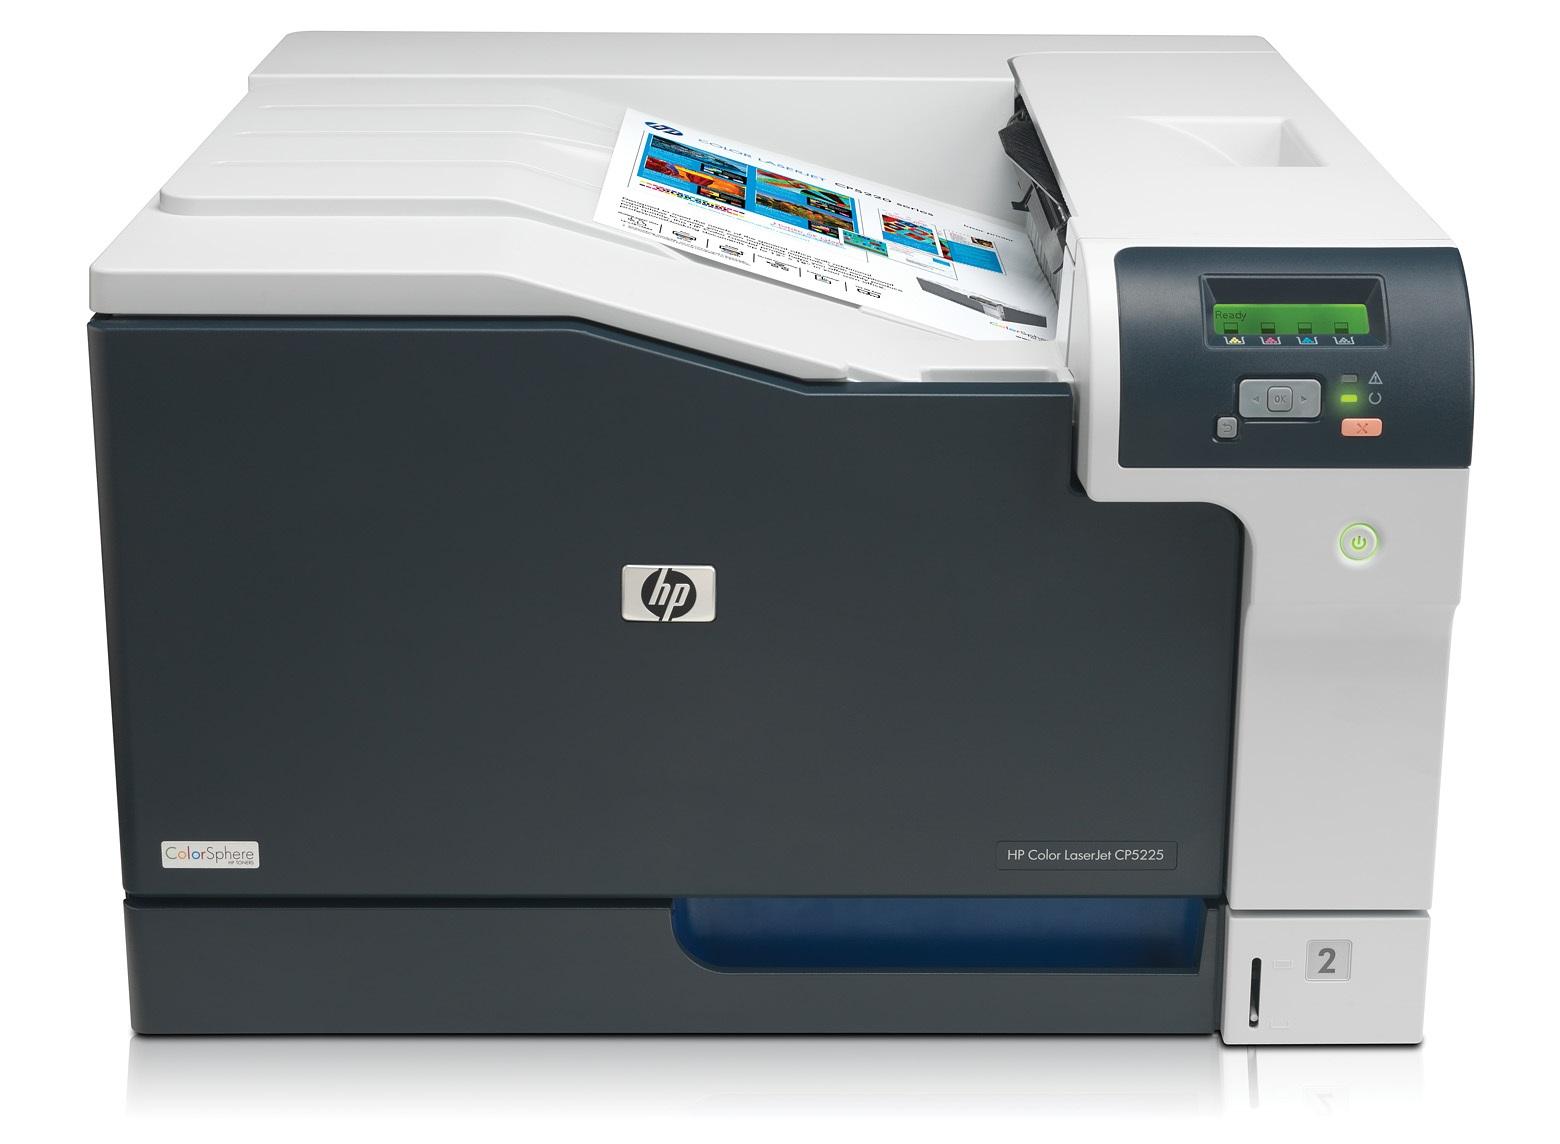 HP Color LaserJet CP5225dn 192MB 20ppm A3 LAN + DUPLEX printeris